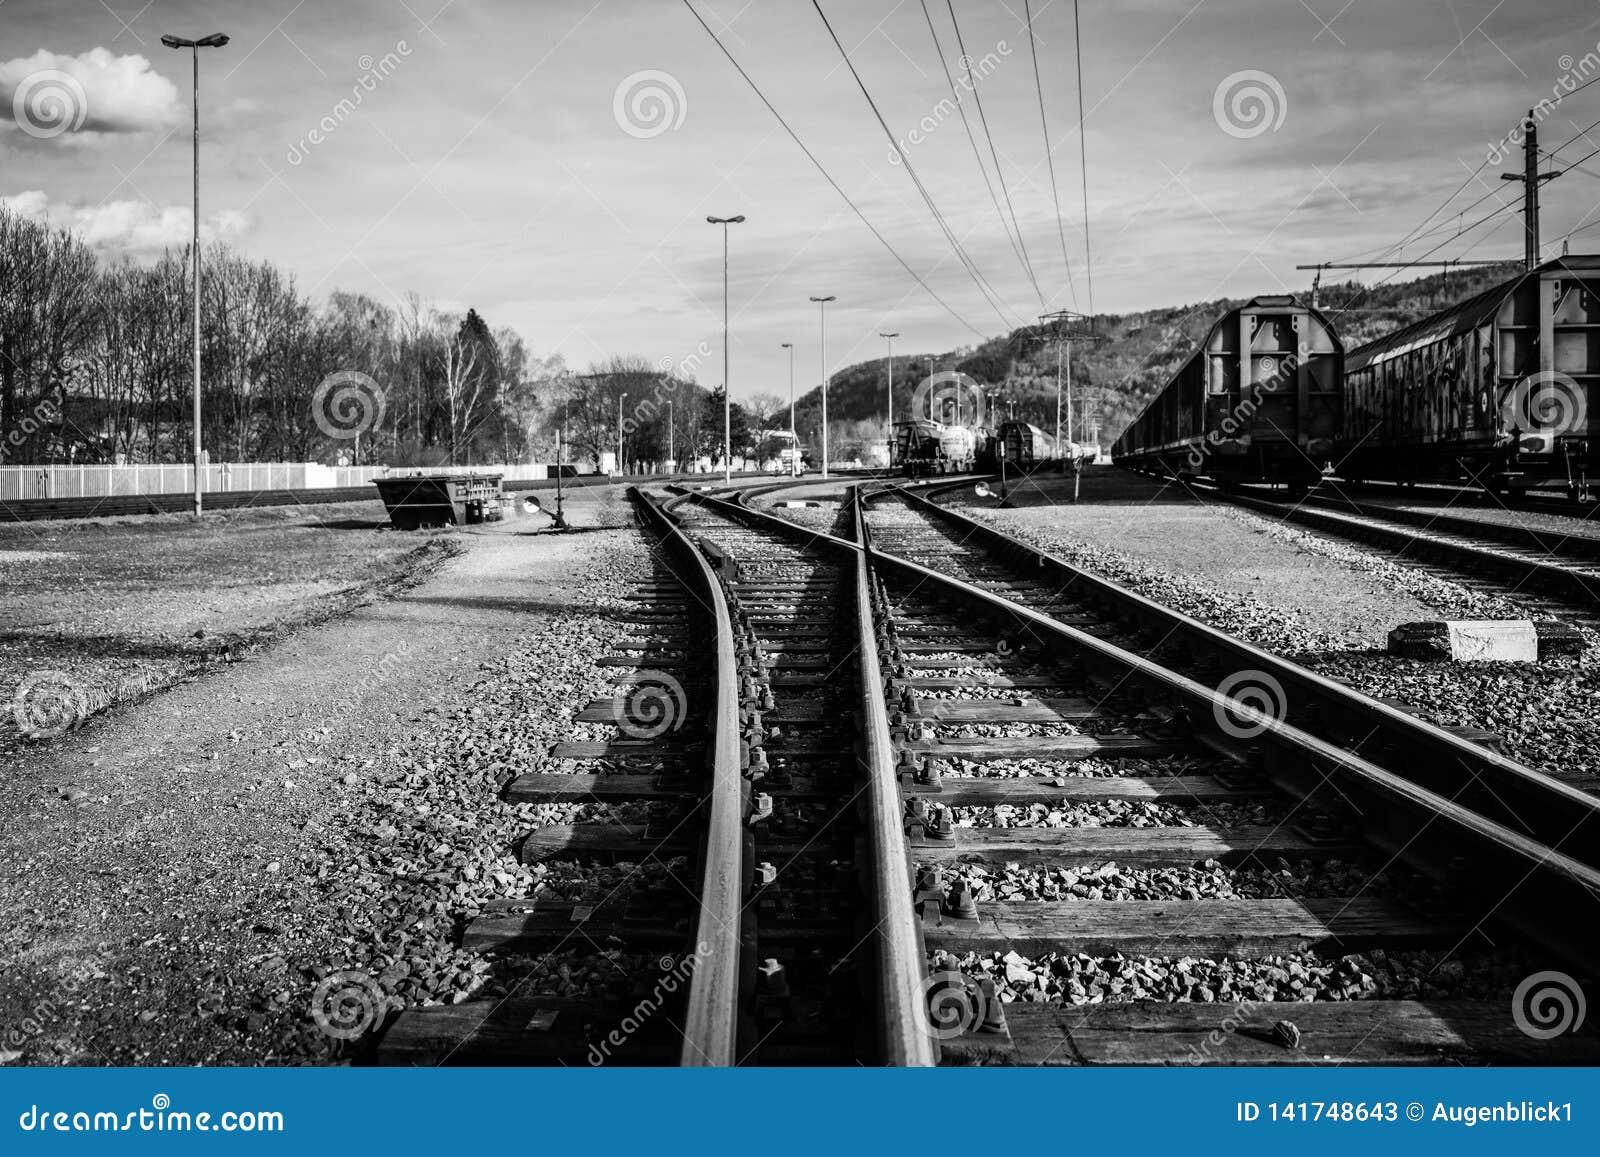 The Railways Tracks stock image  Image of speed, transit - 141748643